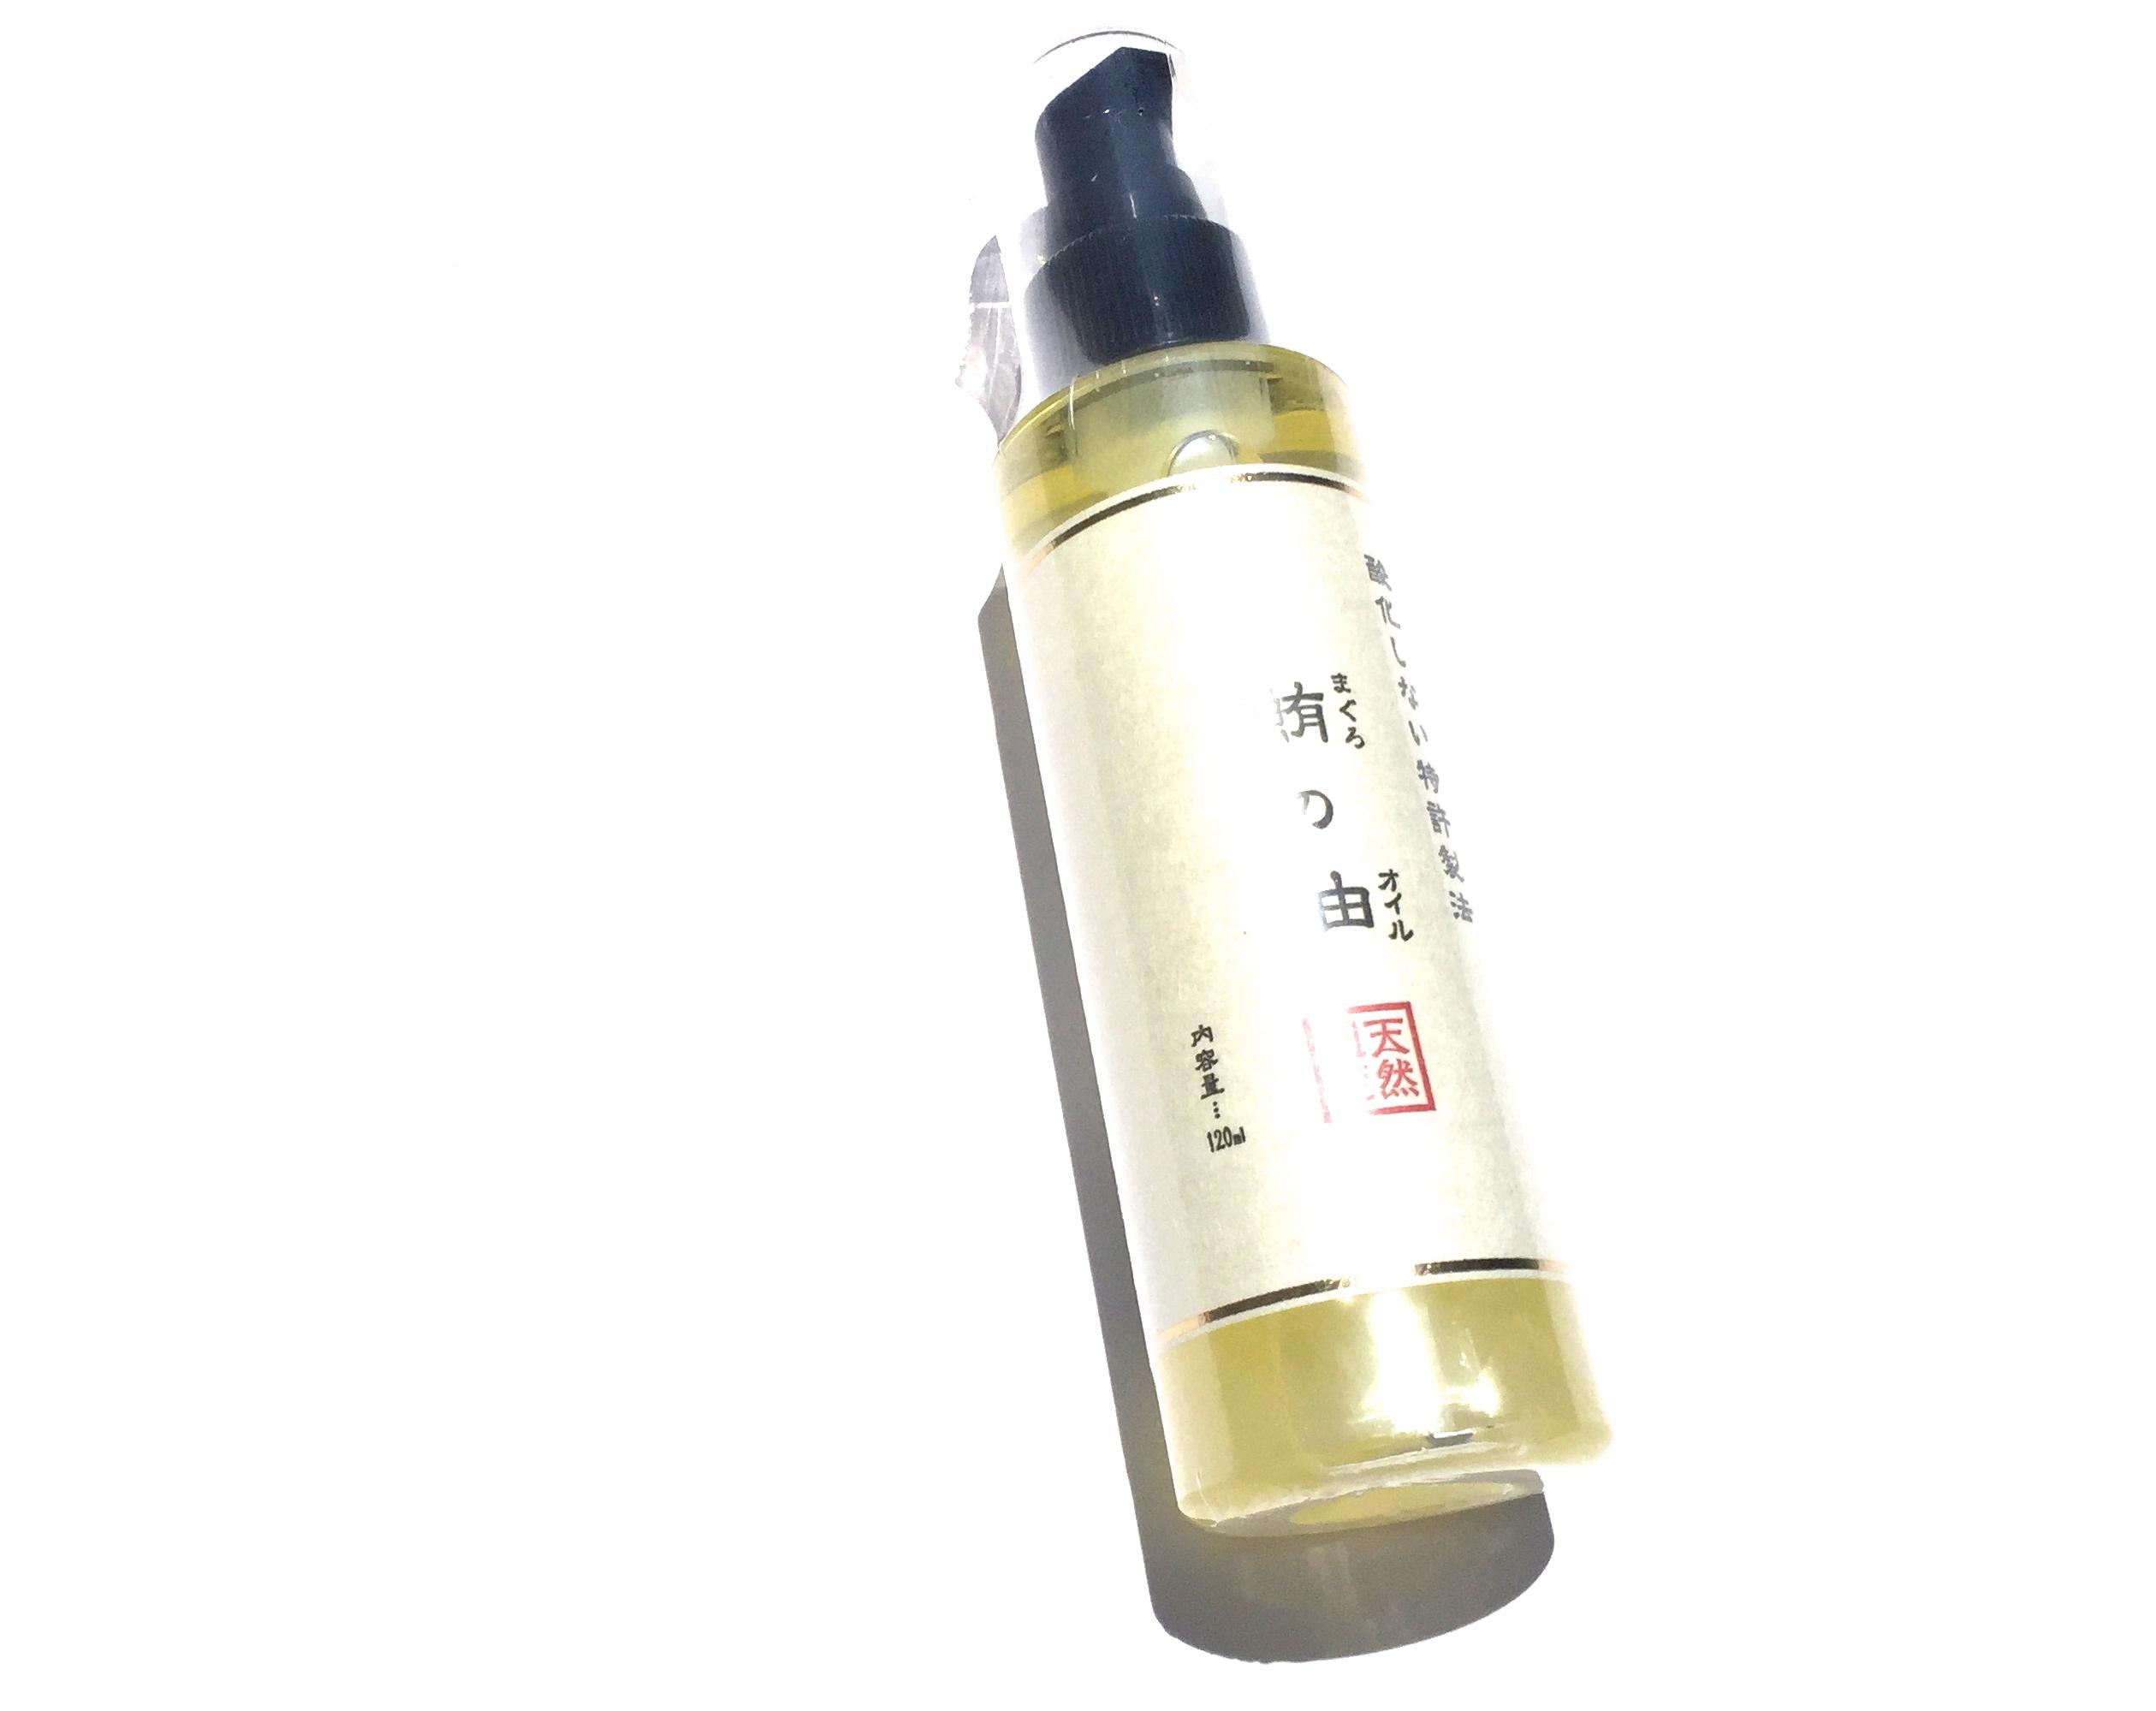 酸化しない特許製法の 鮪の油_d0217958_13195651.jpg